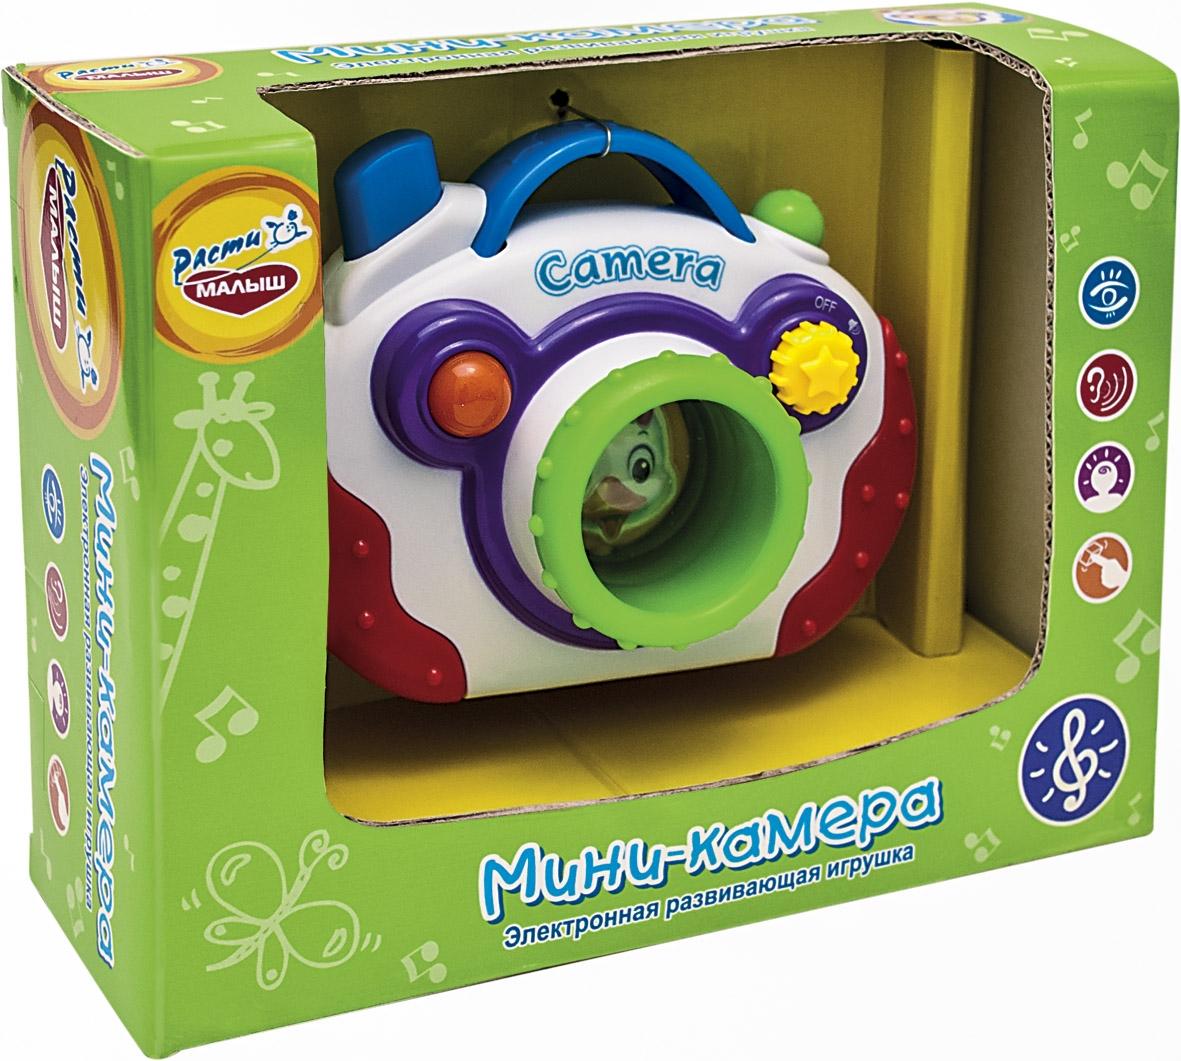 Развивающая игрушка Расти Малыш Мини-камера